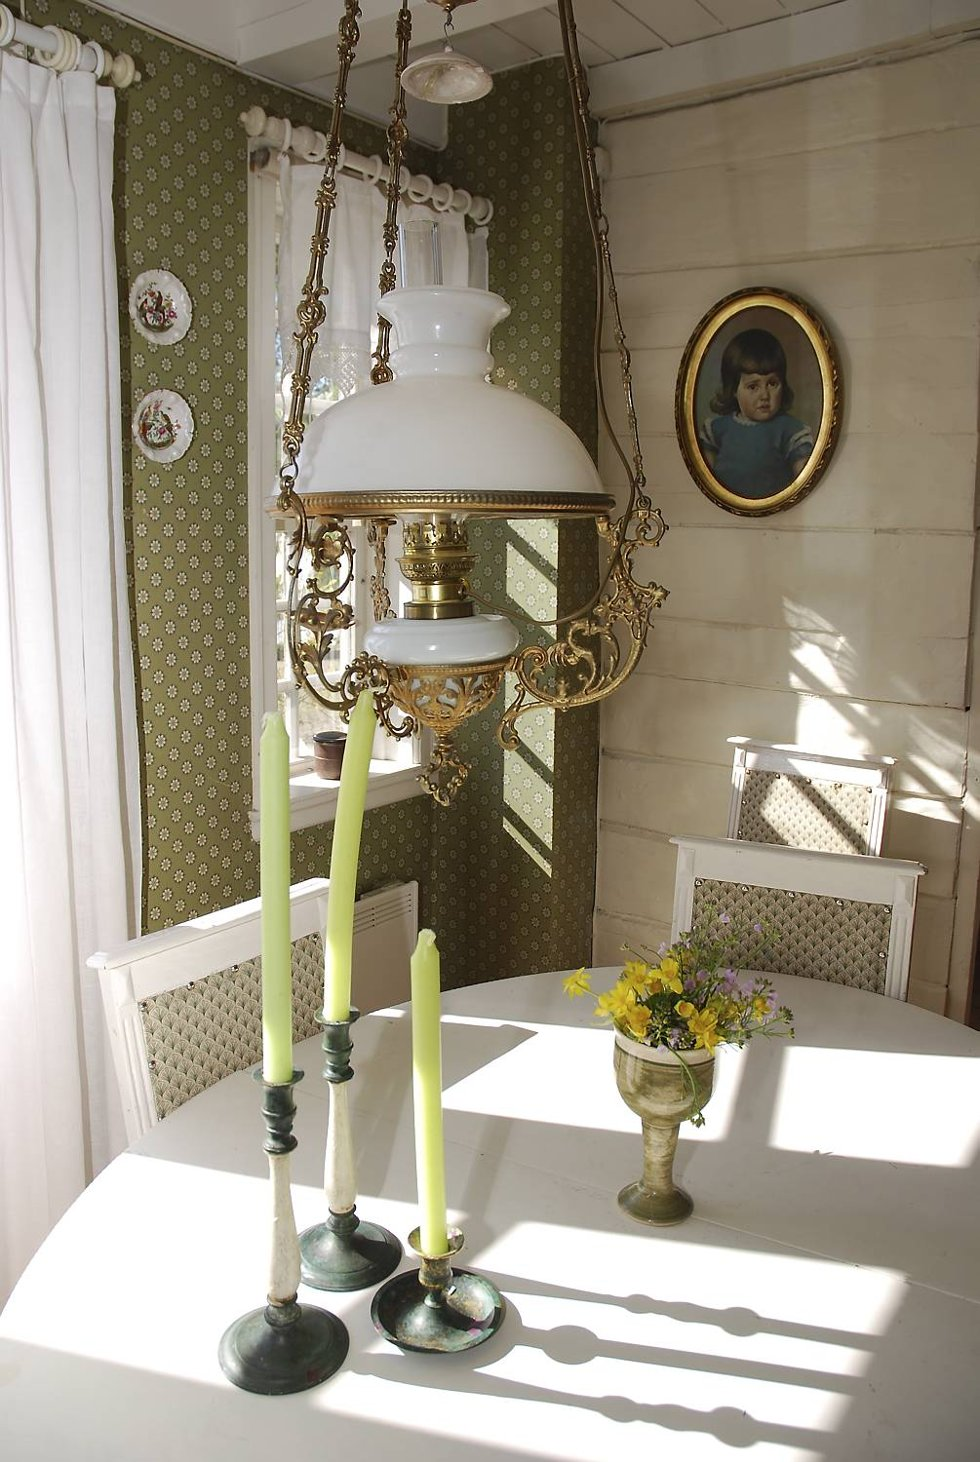 Spisebordet og stolene ble kjøpt på auksjon. Lampen er fra en antikvitetsbutikk. Maleriet er av Kari som fireåring, malt av onkelen hennes. - Det var vanskelig å sitte stille. (Foto: METTE BAKKE)